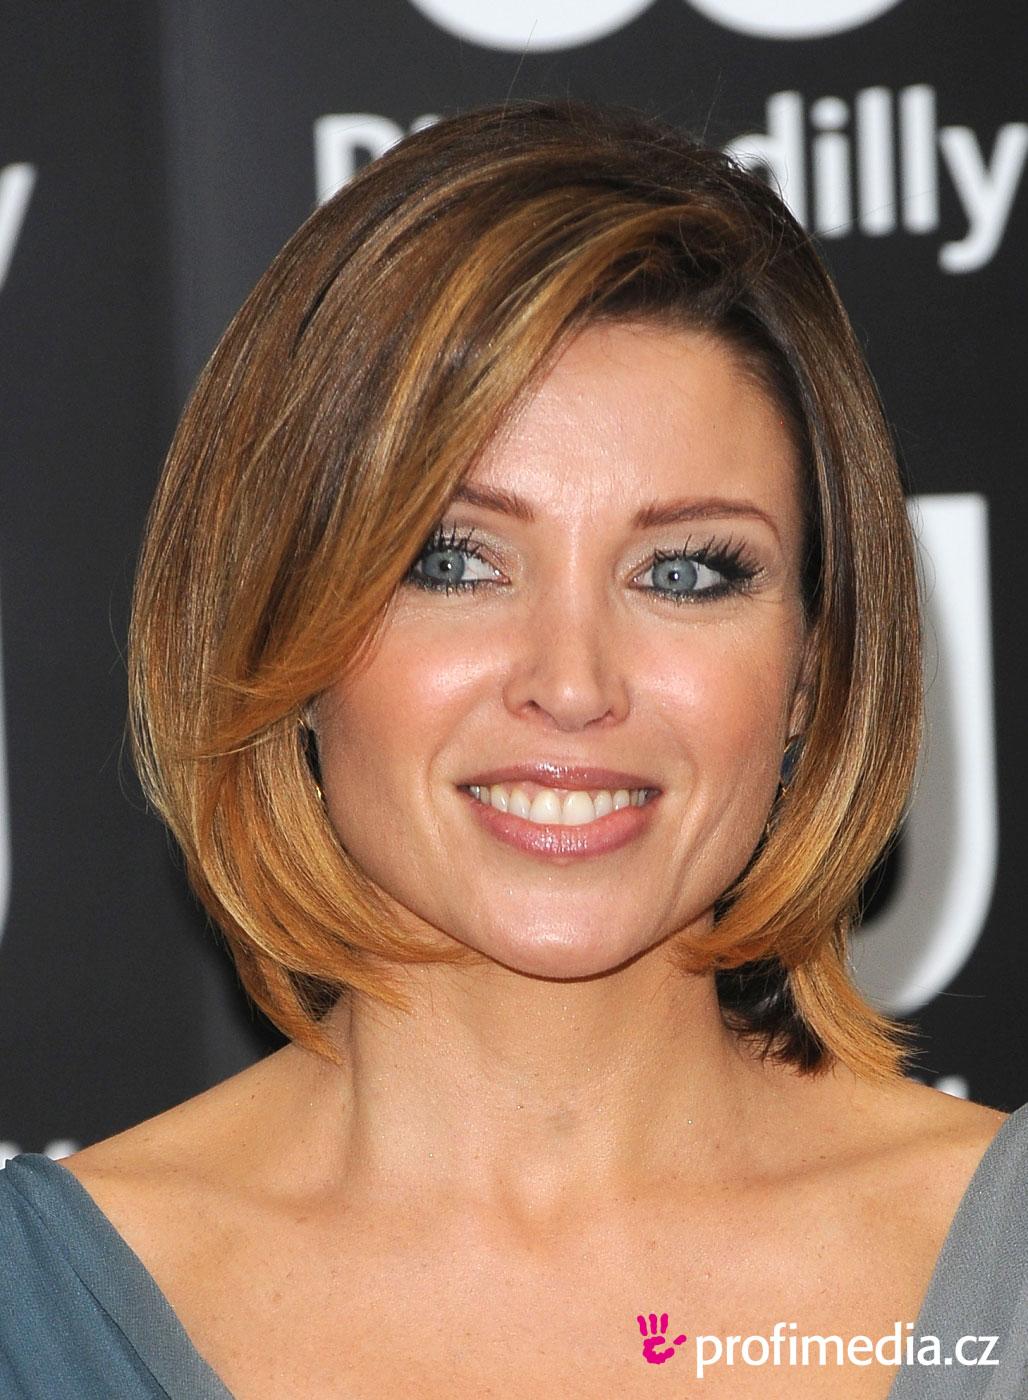 Dannii Minogue Hairstyle Easyhairstyler